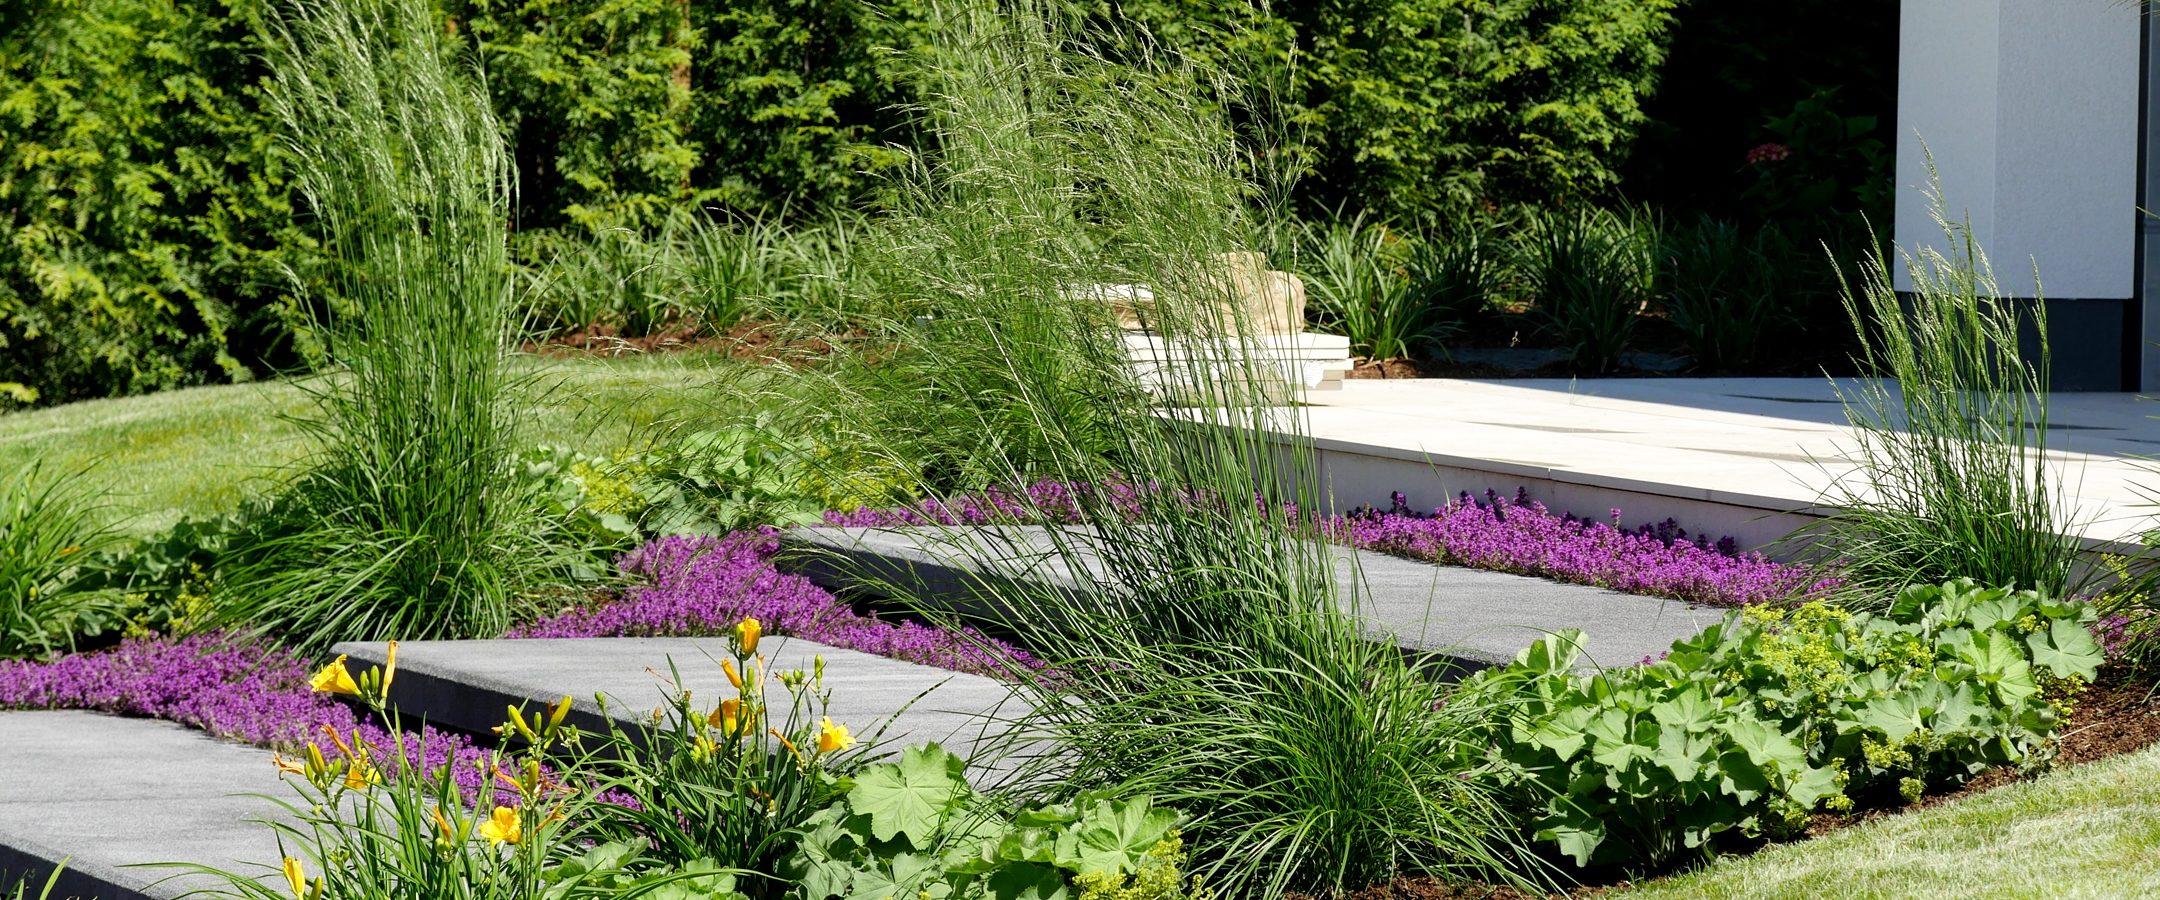 Treppenanlage bepflanzt mit Thymus serphyllum